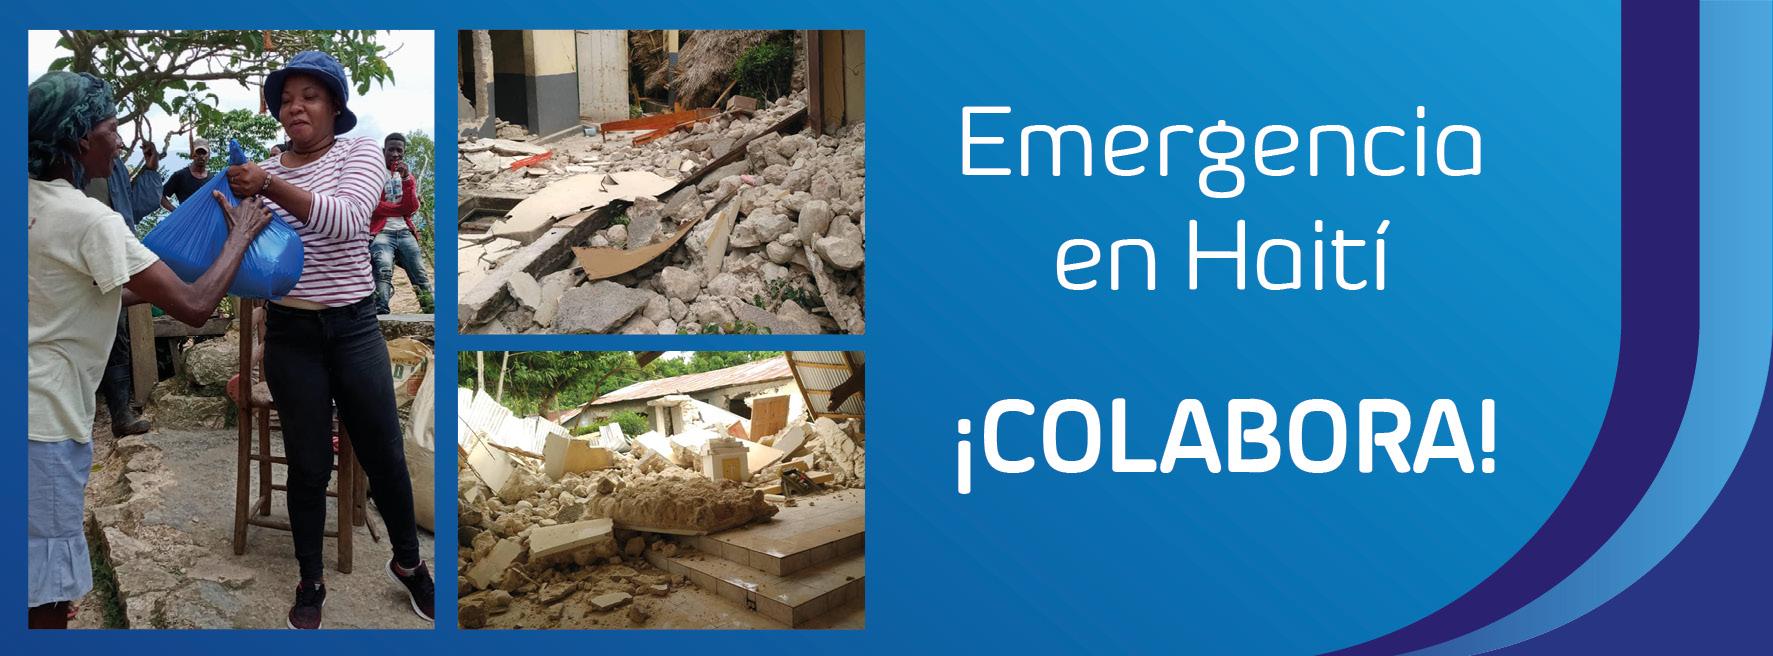 Emergencia en haiti